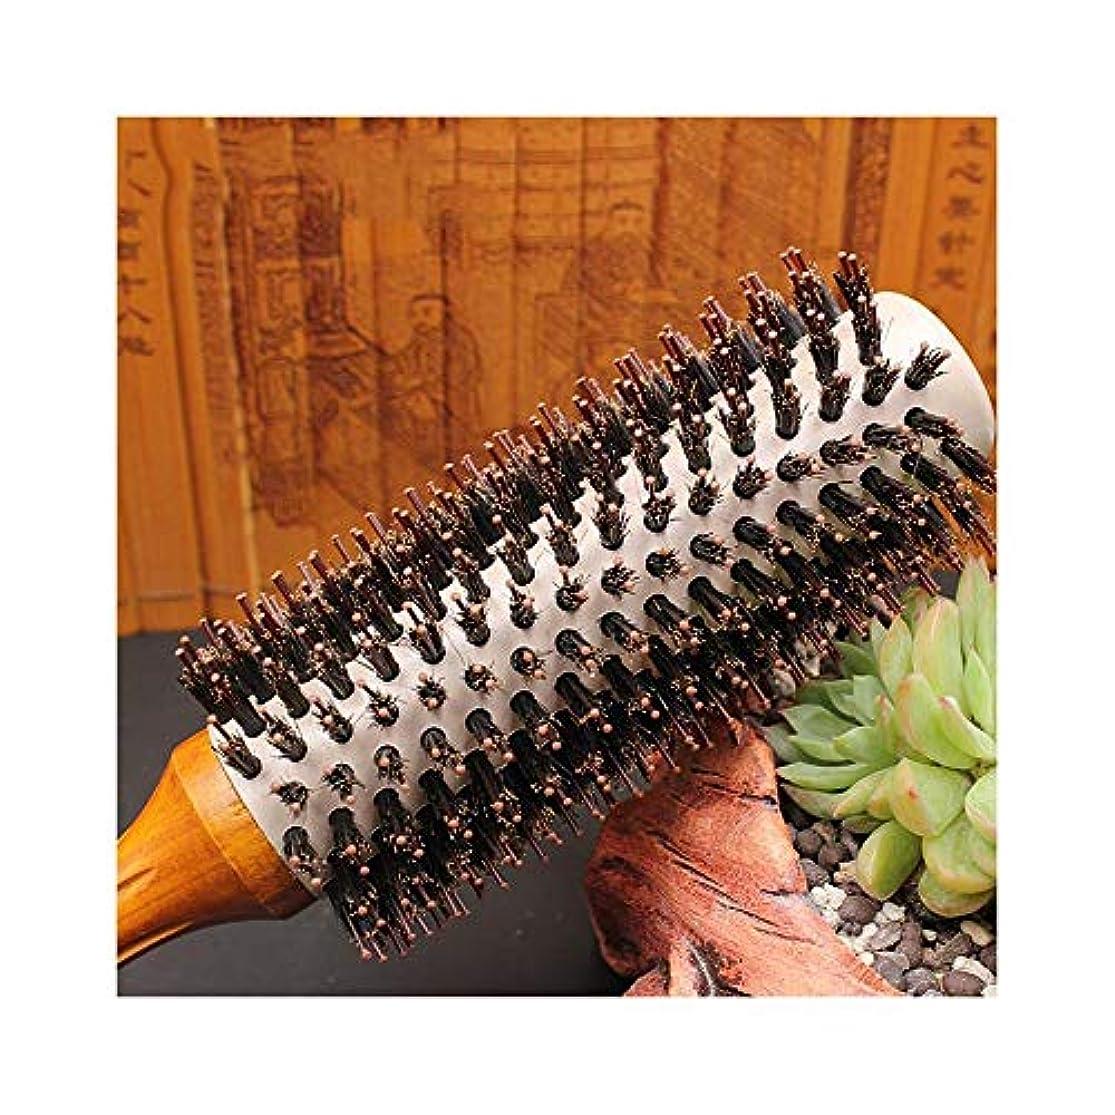 バンジージャンプシャーク地域のすべてのヘアスタイルのためにイノシシ毛&ナイロンピン - イノシシ毛ラウンド櫛ドライヘアブラシブロー ヘアケア (サイズ : XL)